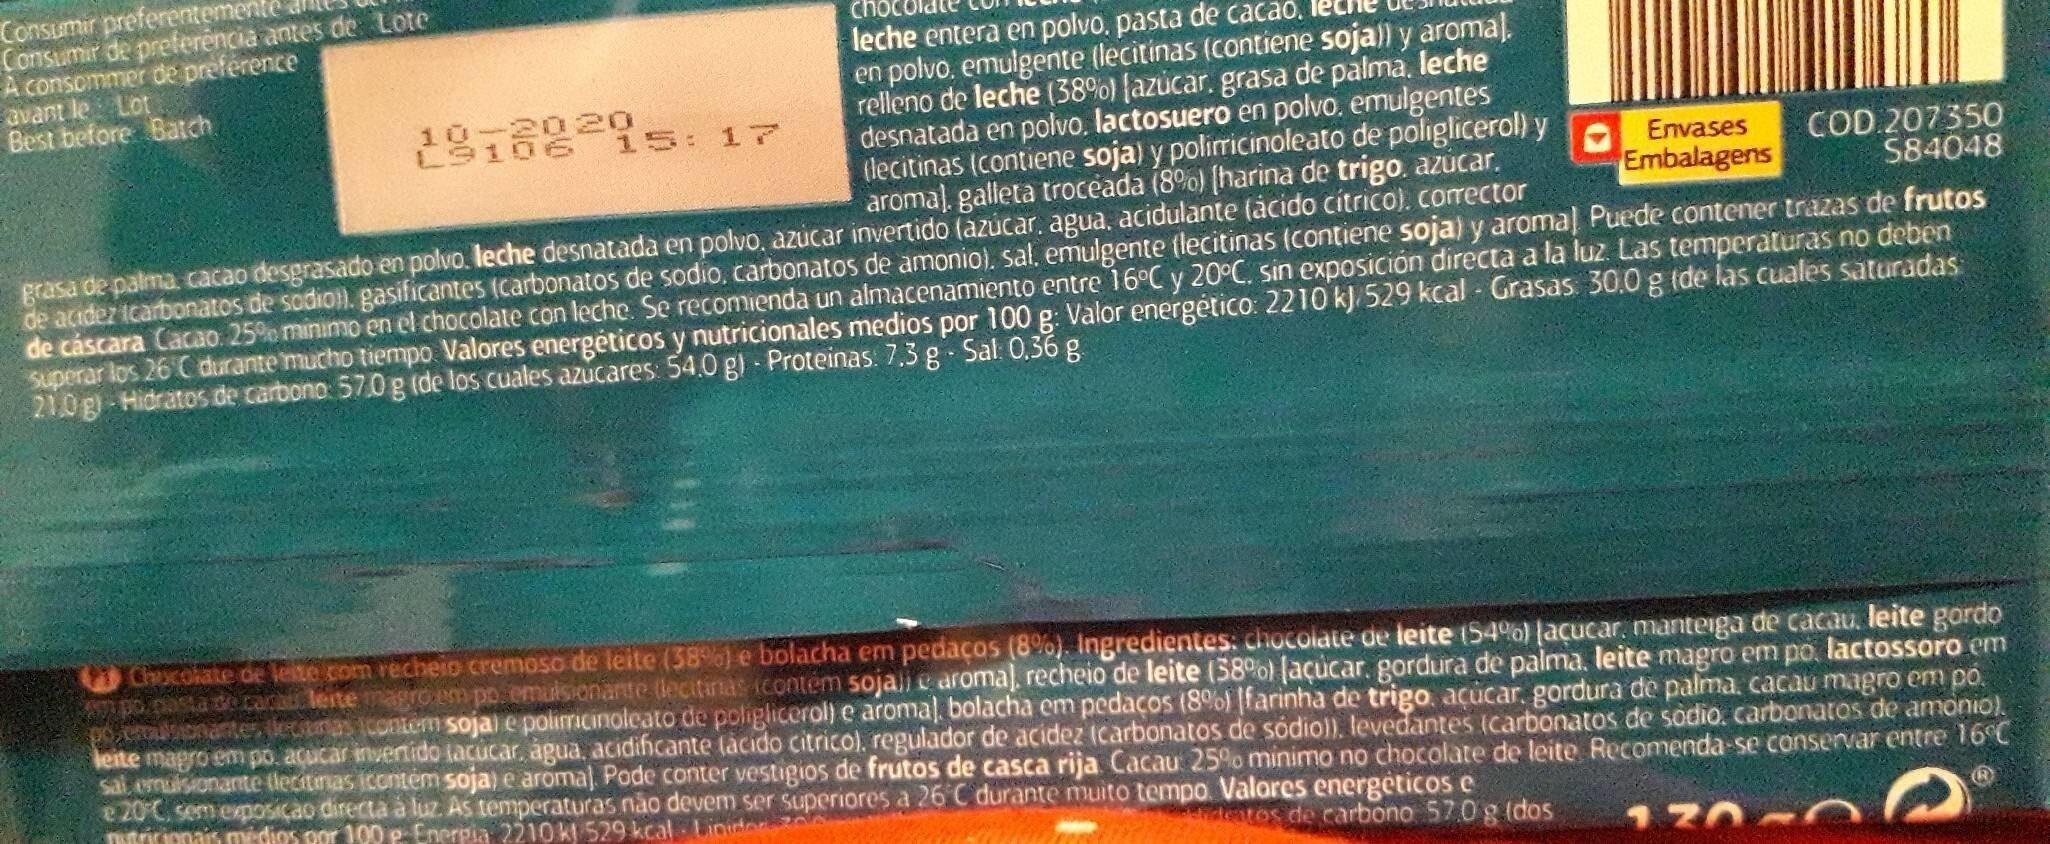 Chocolate con leche relleno - Información nutricional - es